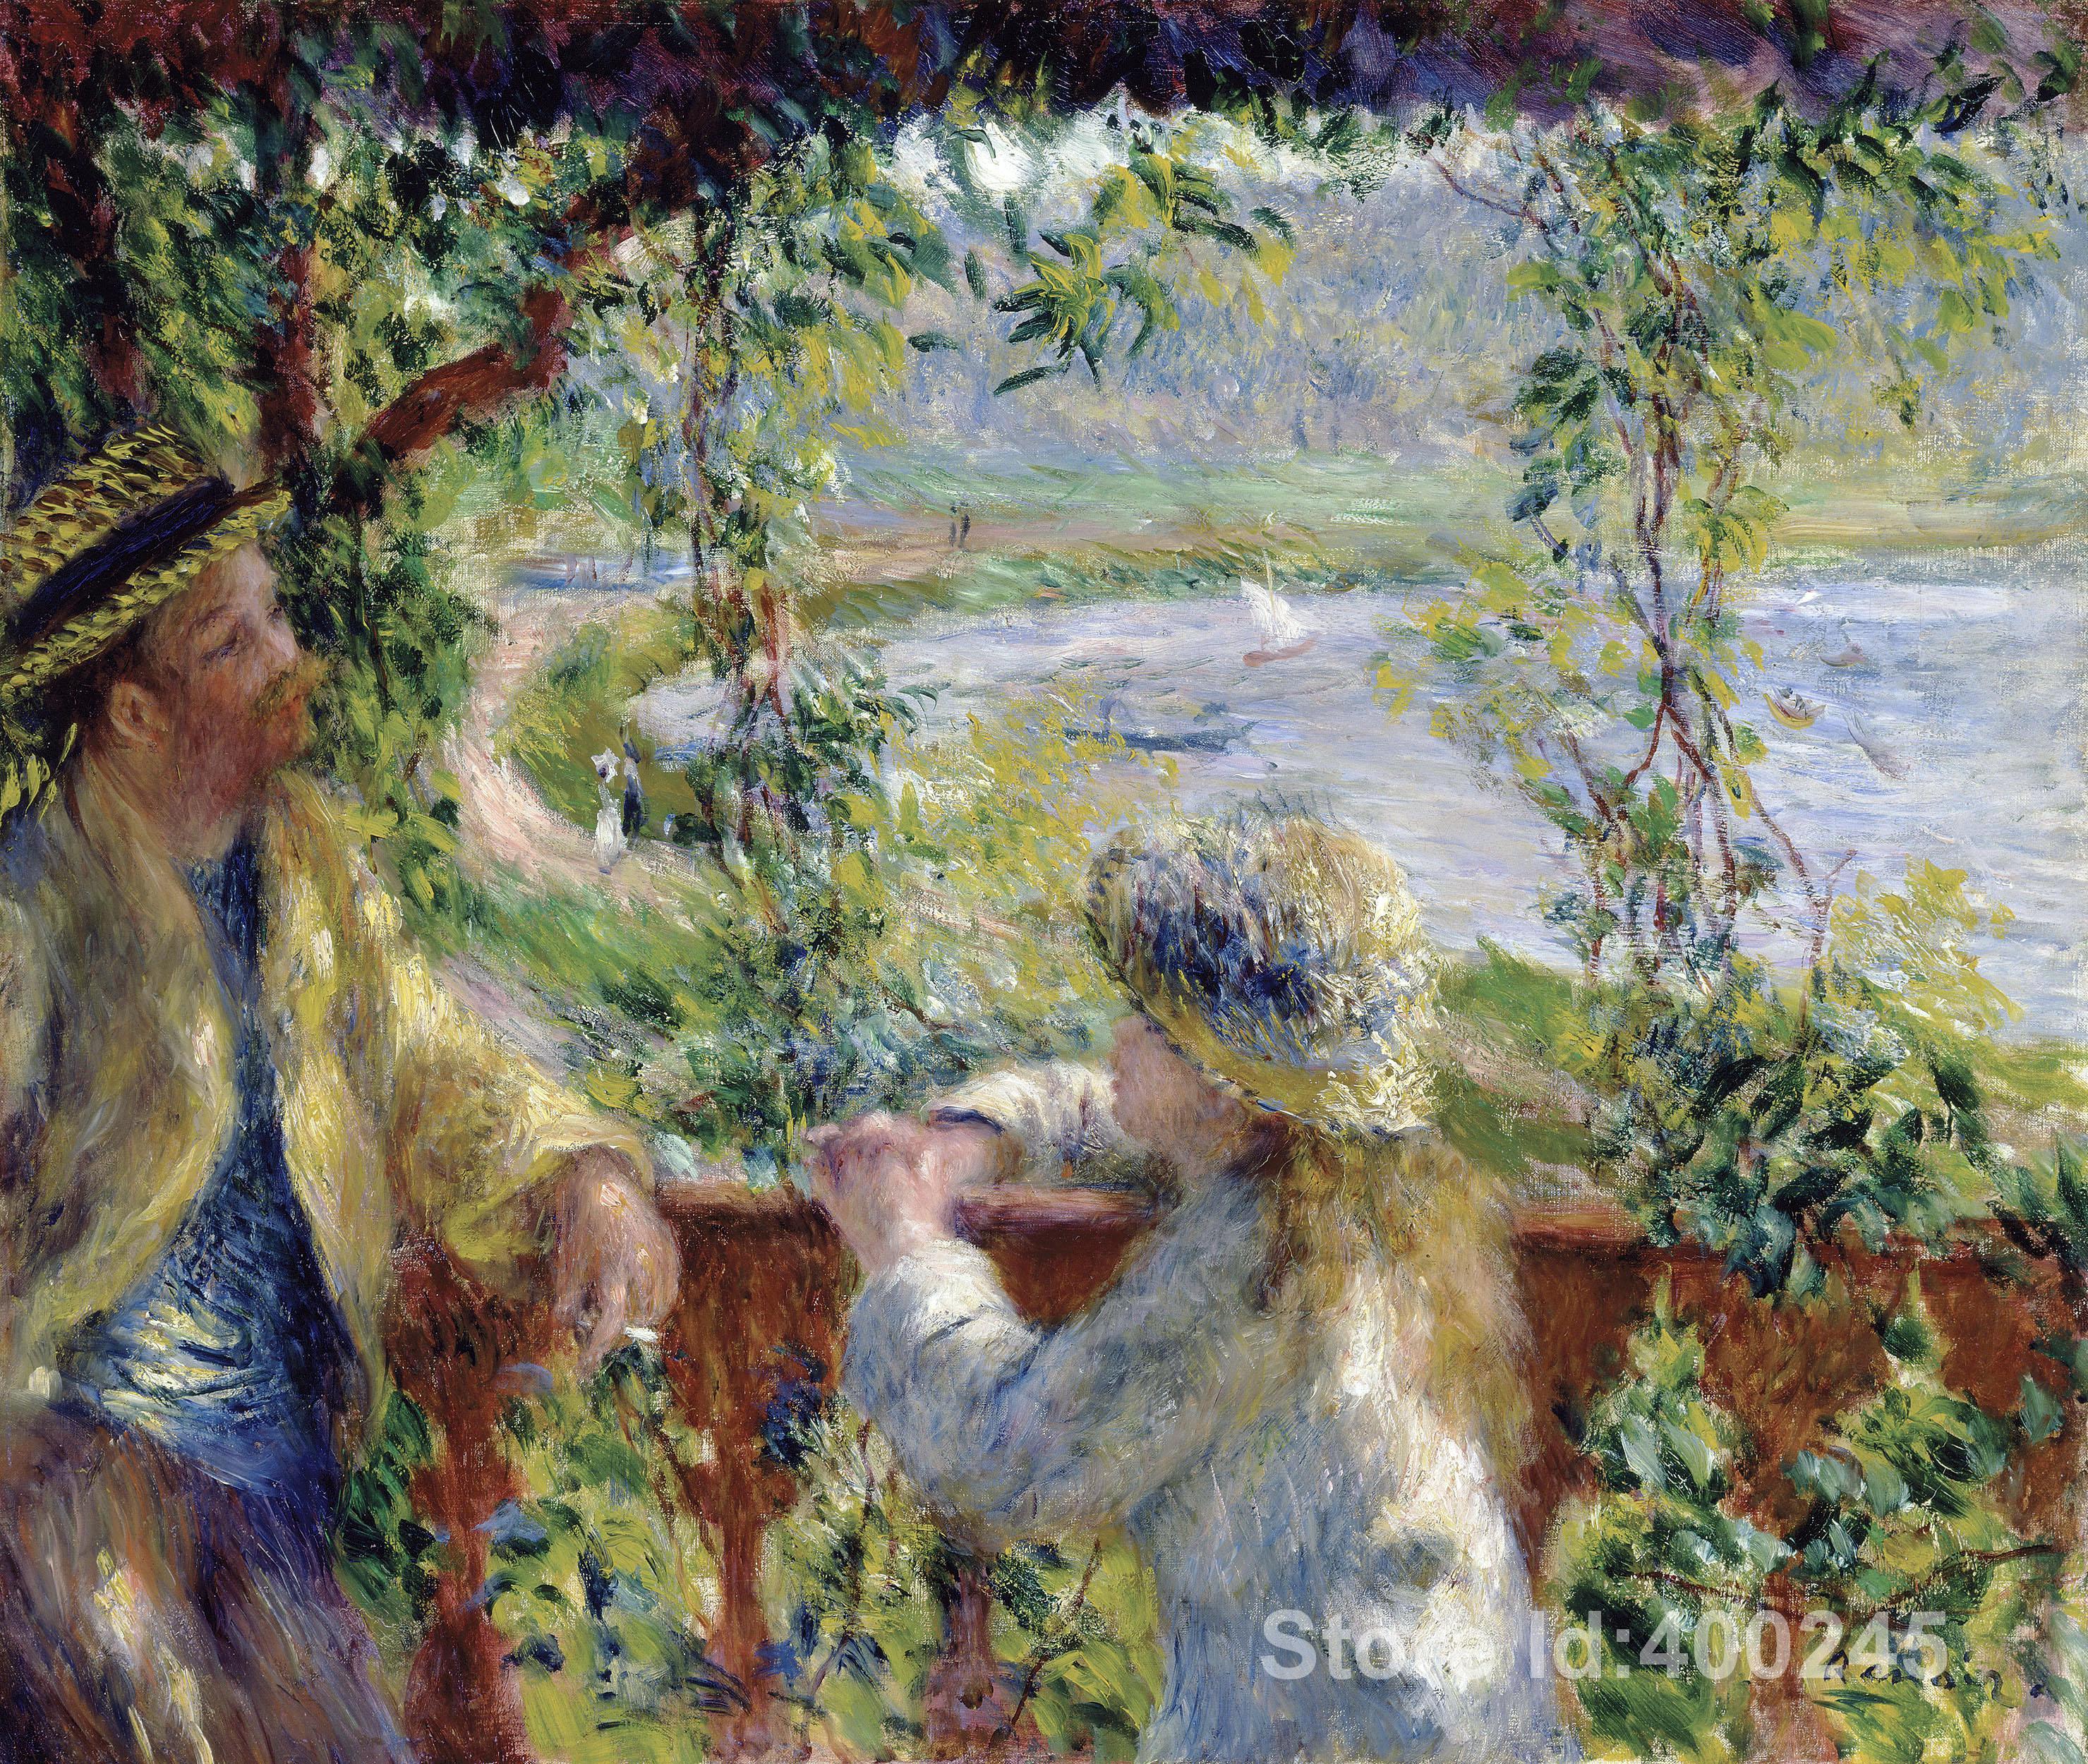 Пьер Огюст Ренуар картины на воде (возле озера) Современное искусство красивое высокое качество ручная роспись